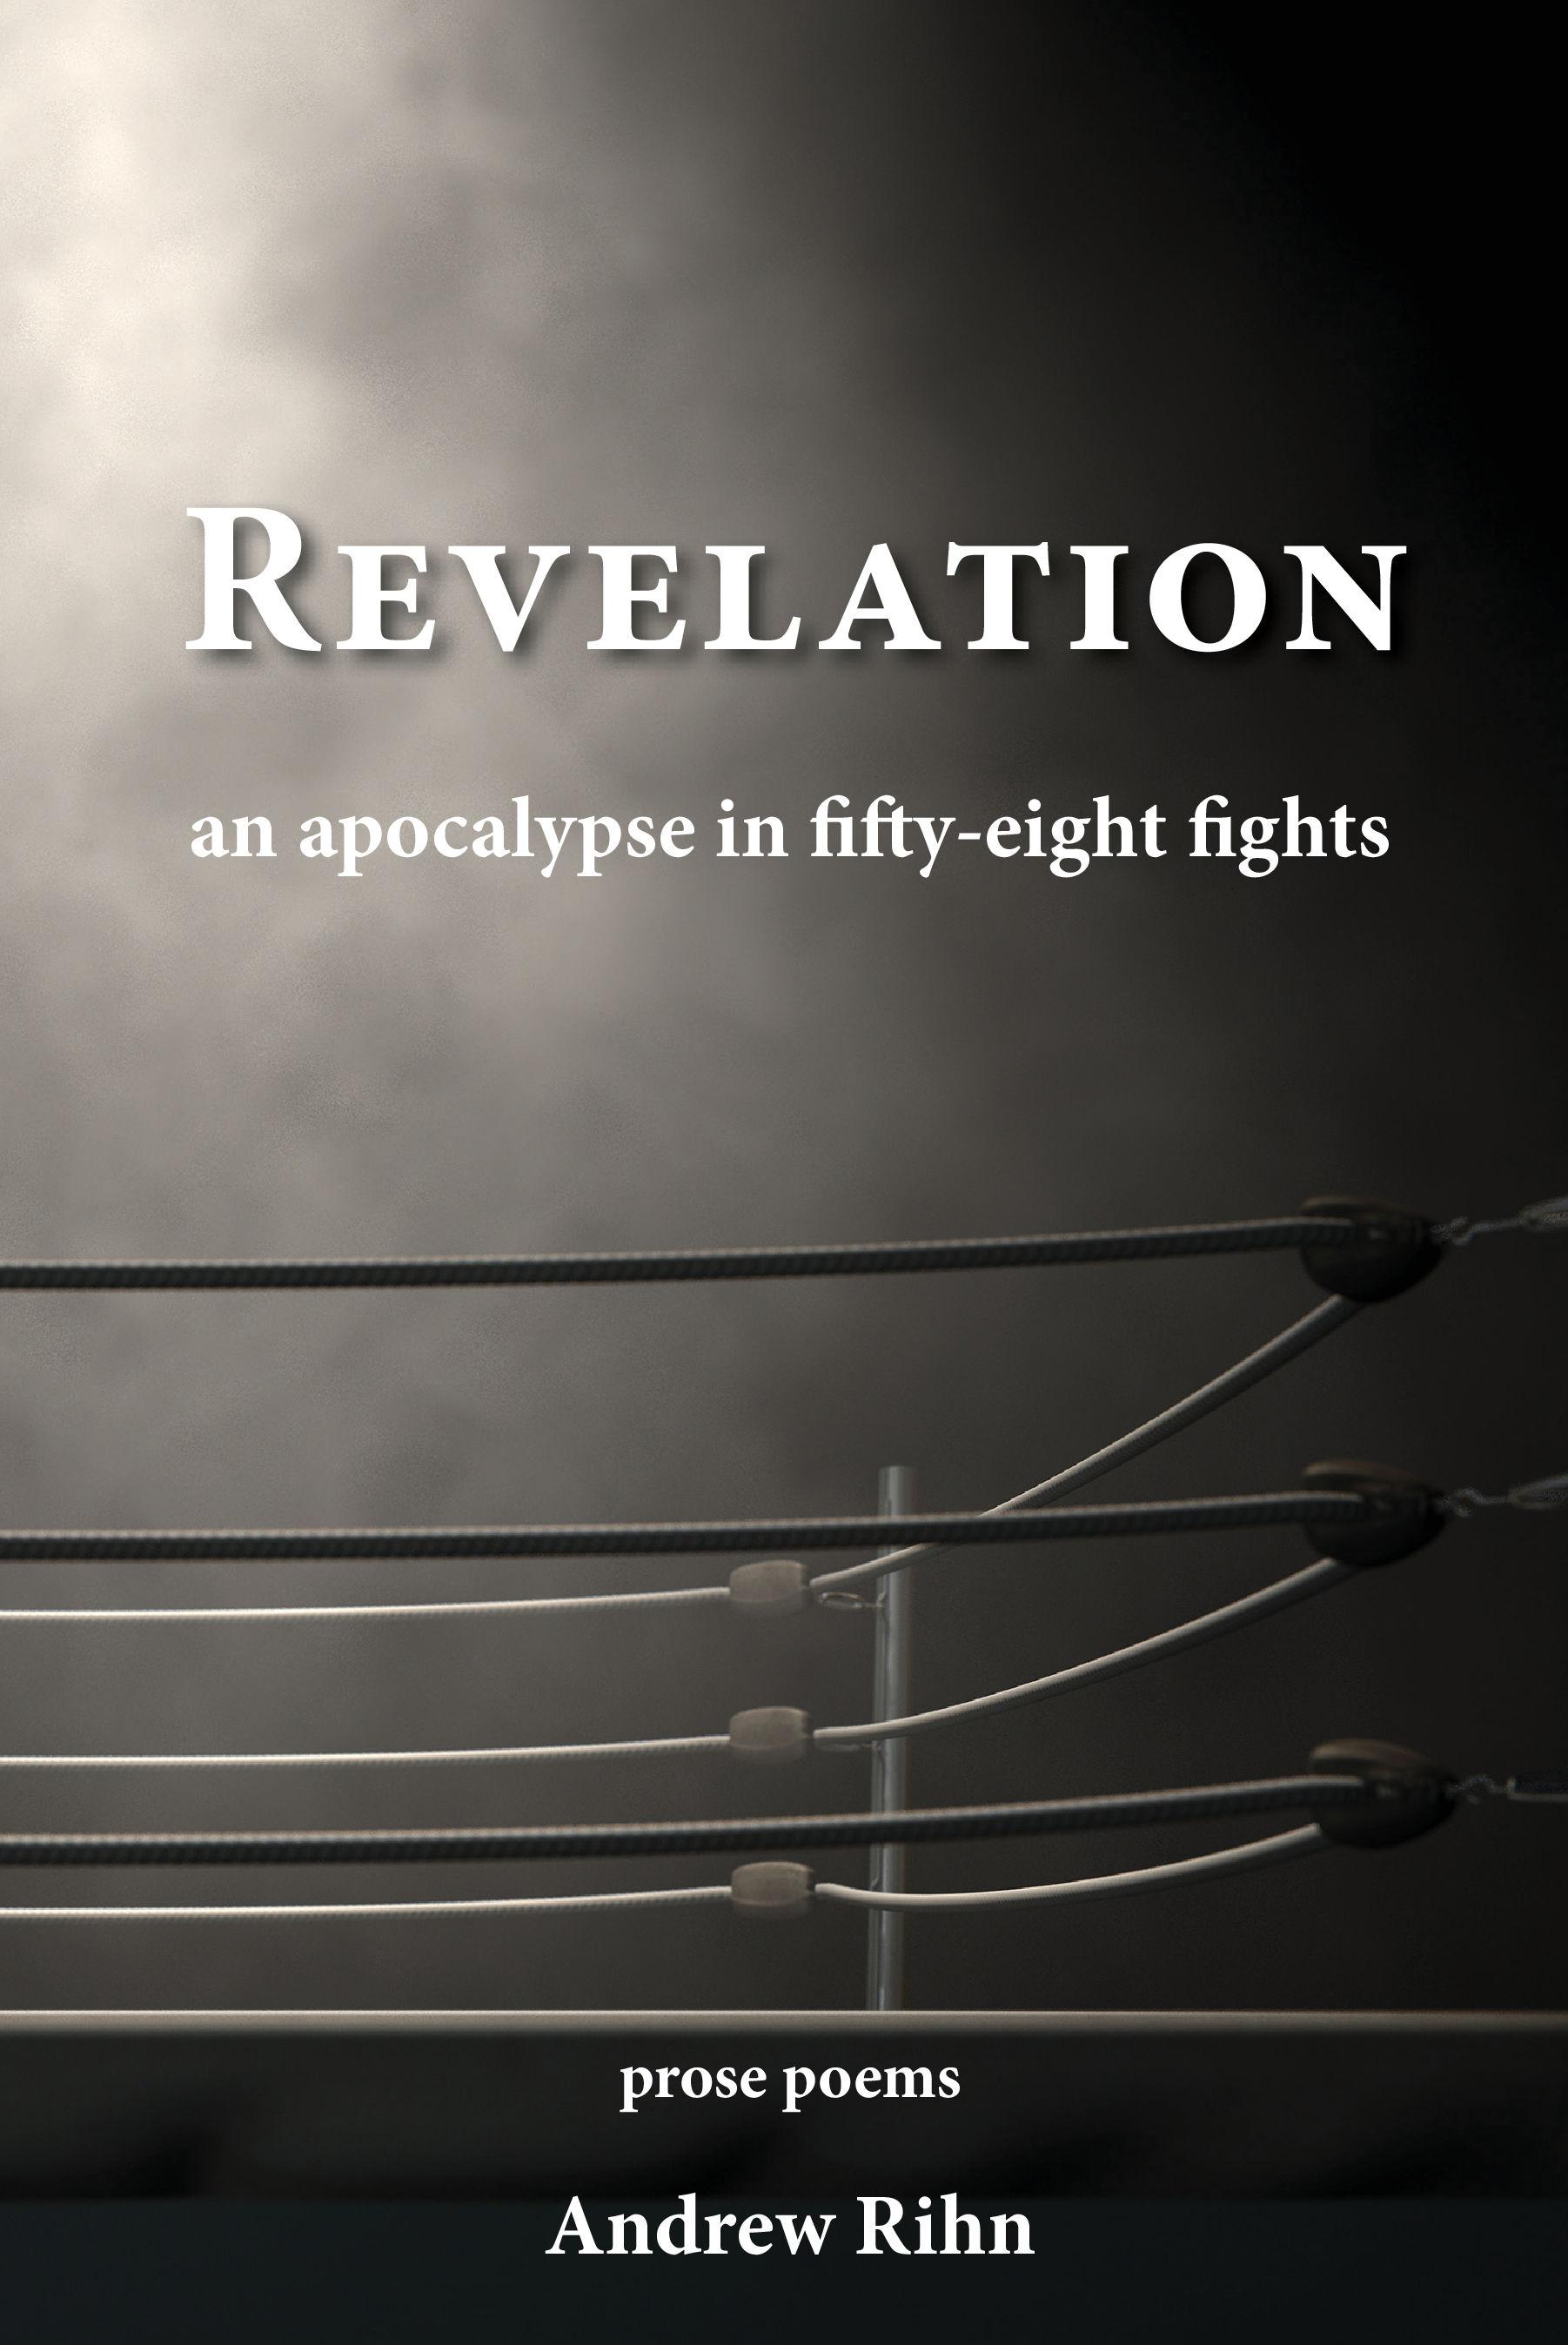 Revelation by Andrew Rihn.jpg